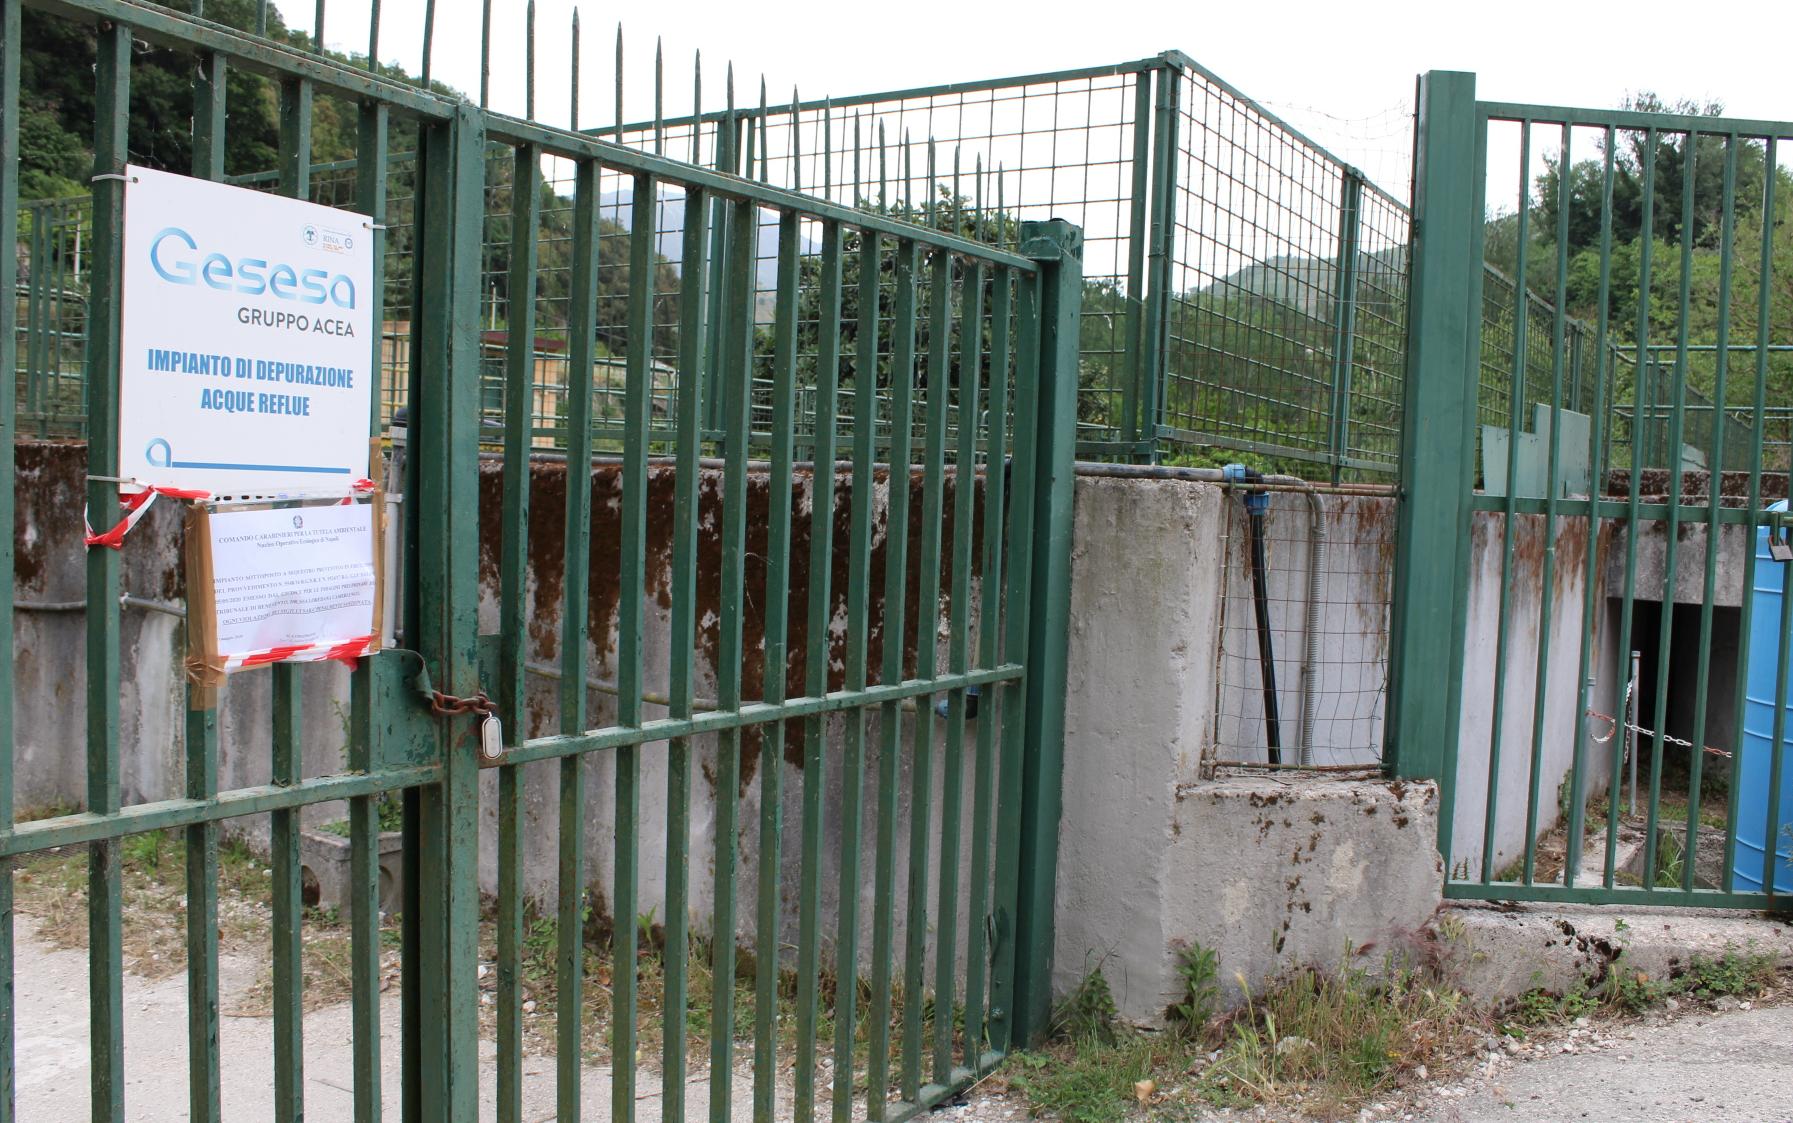 Sant'Agata. Depuratori. PCI: acqua come bene comune